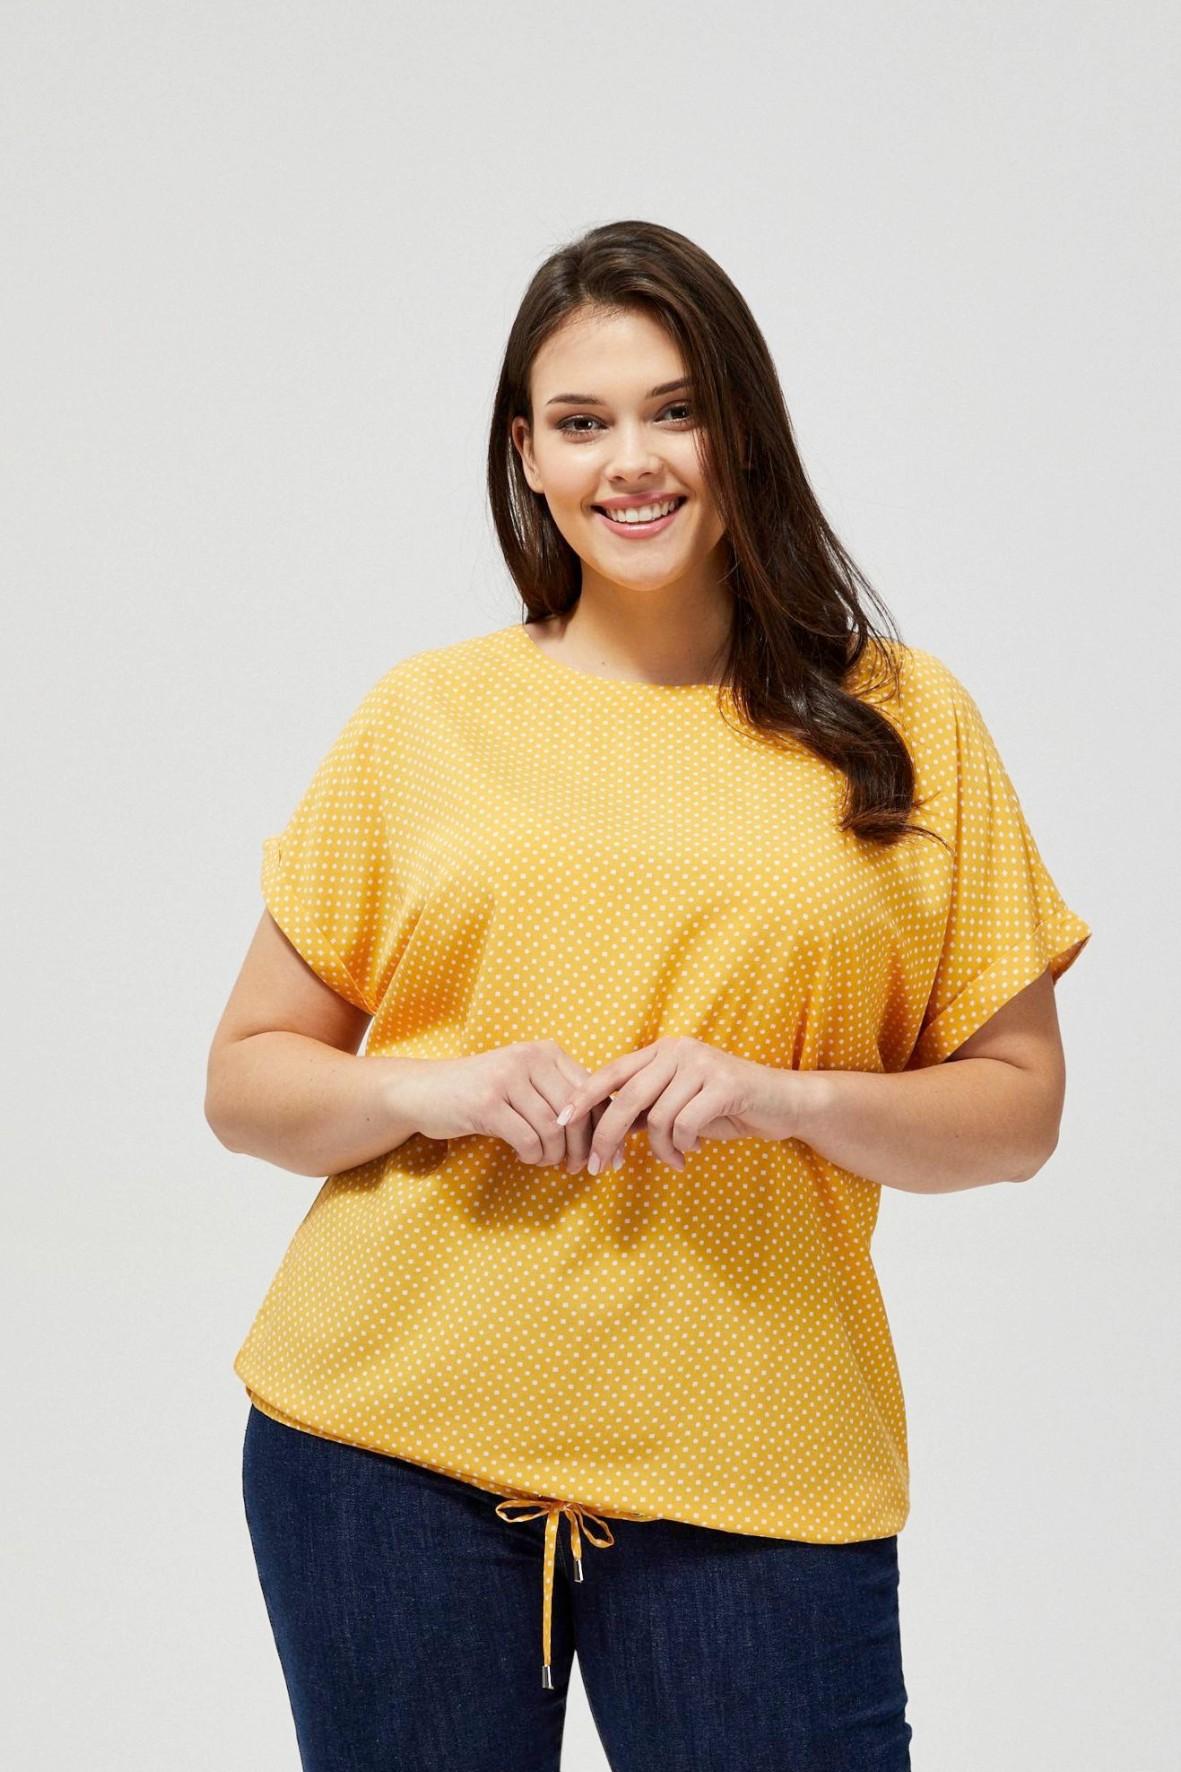 Bluzka damska koszulowa na krótki rękaw- zółta w kropki